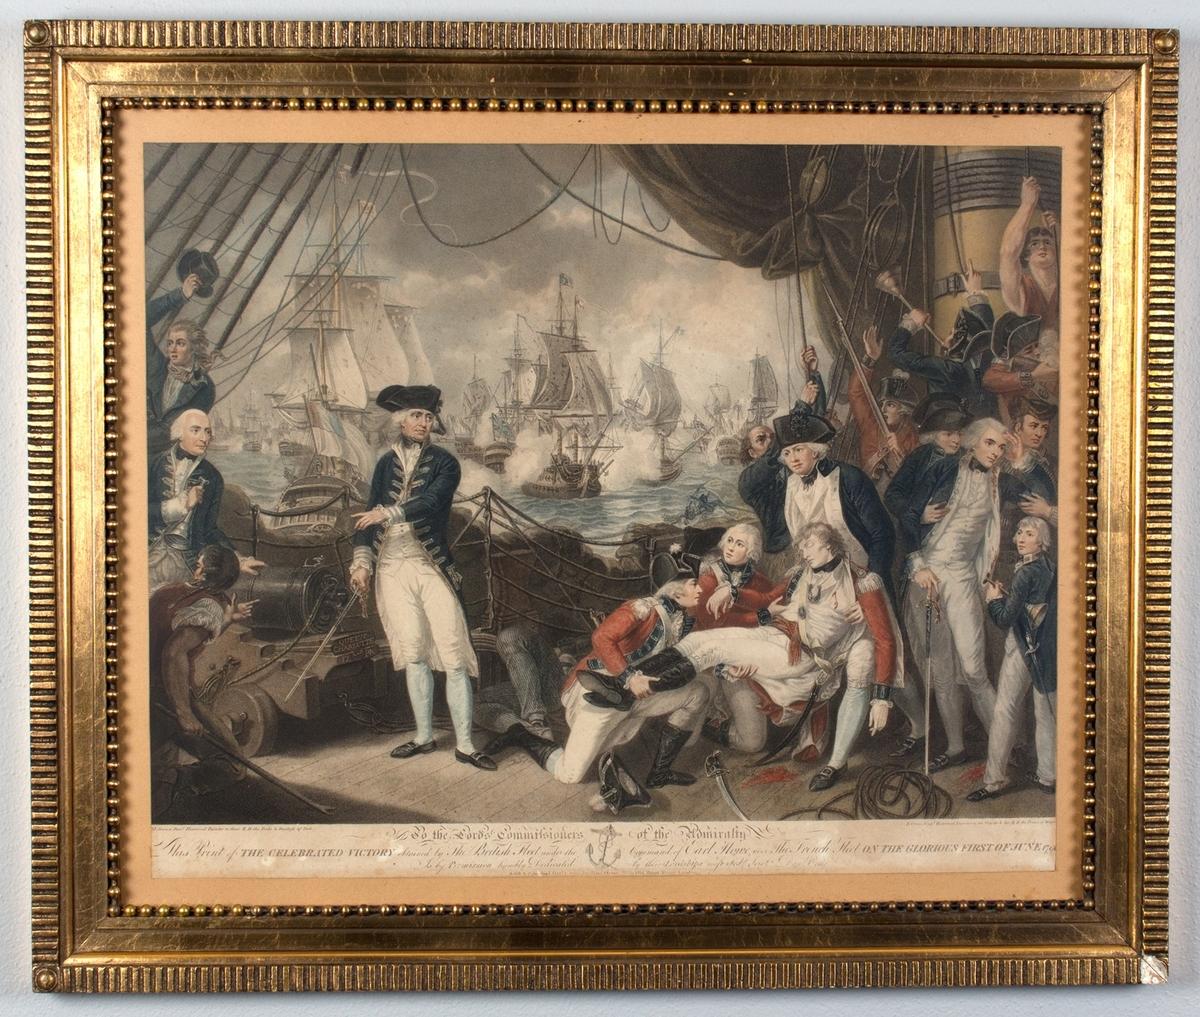 Slagscene sett ombord på det britiske orlogsskipet Queen Charlotte. Den slagne franske flåten i bakgrunnen.